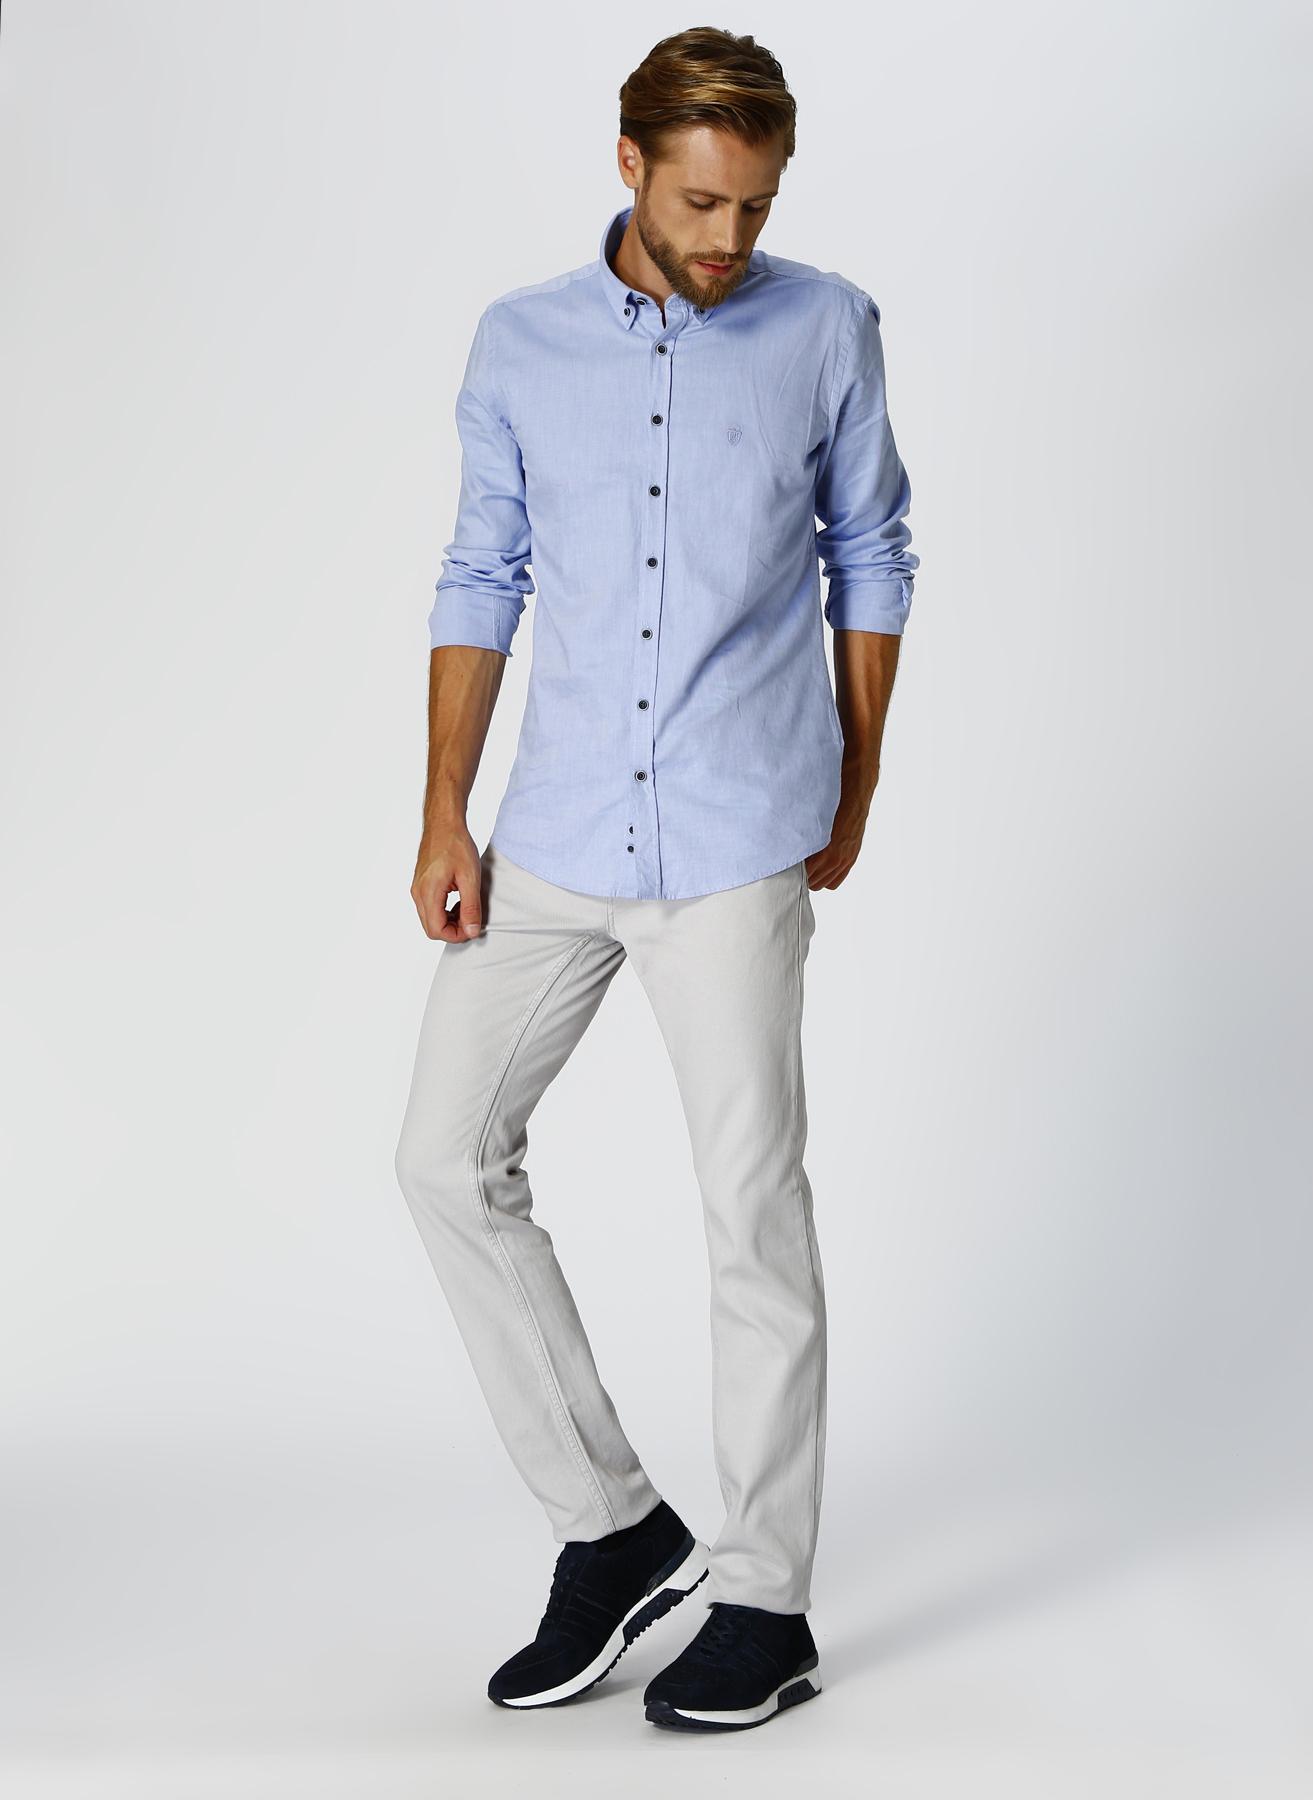 George Hogg Casual Bej Klasik Pantolon 31-33 5002303371001 Ürün Resmi